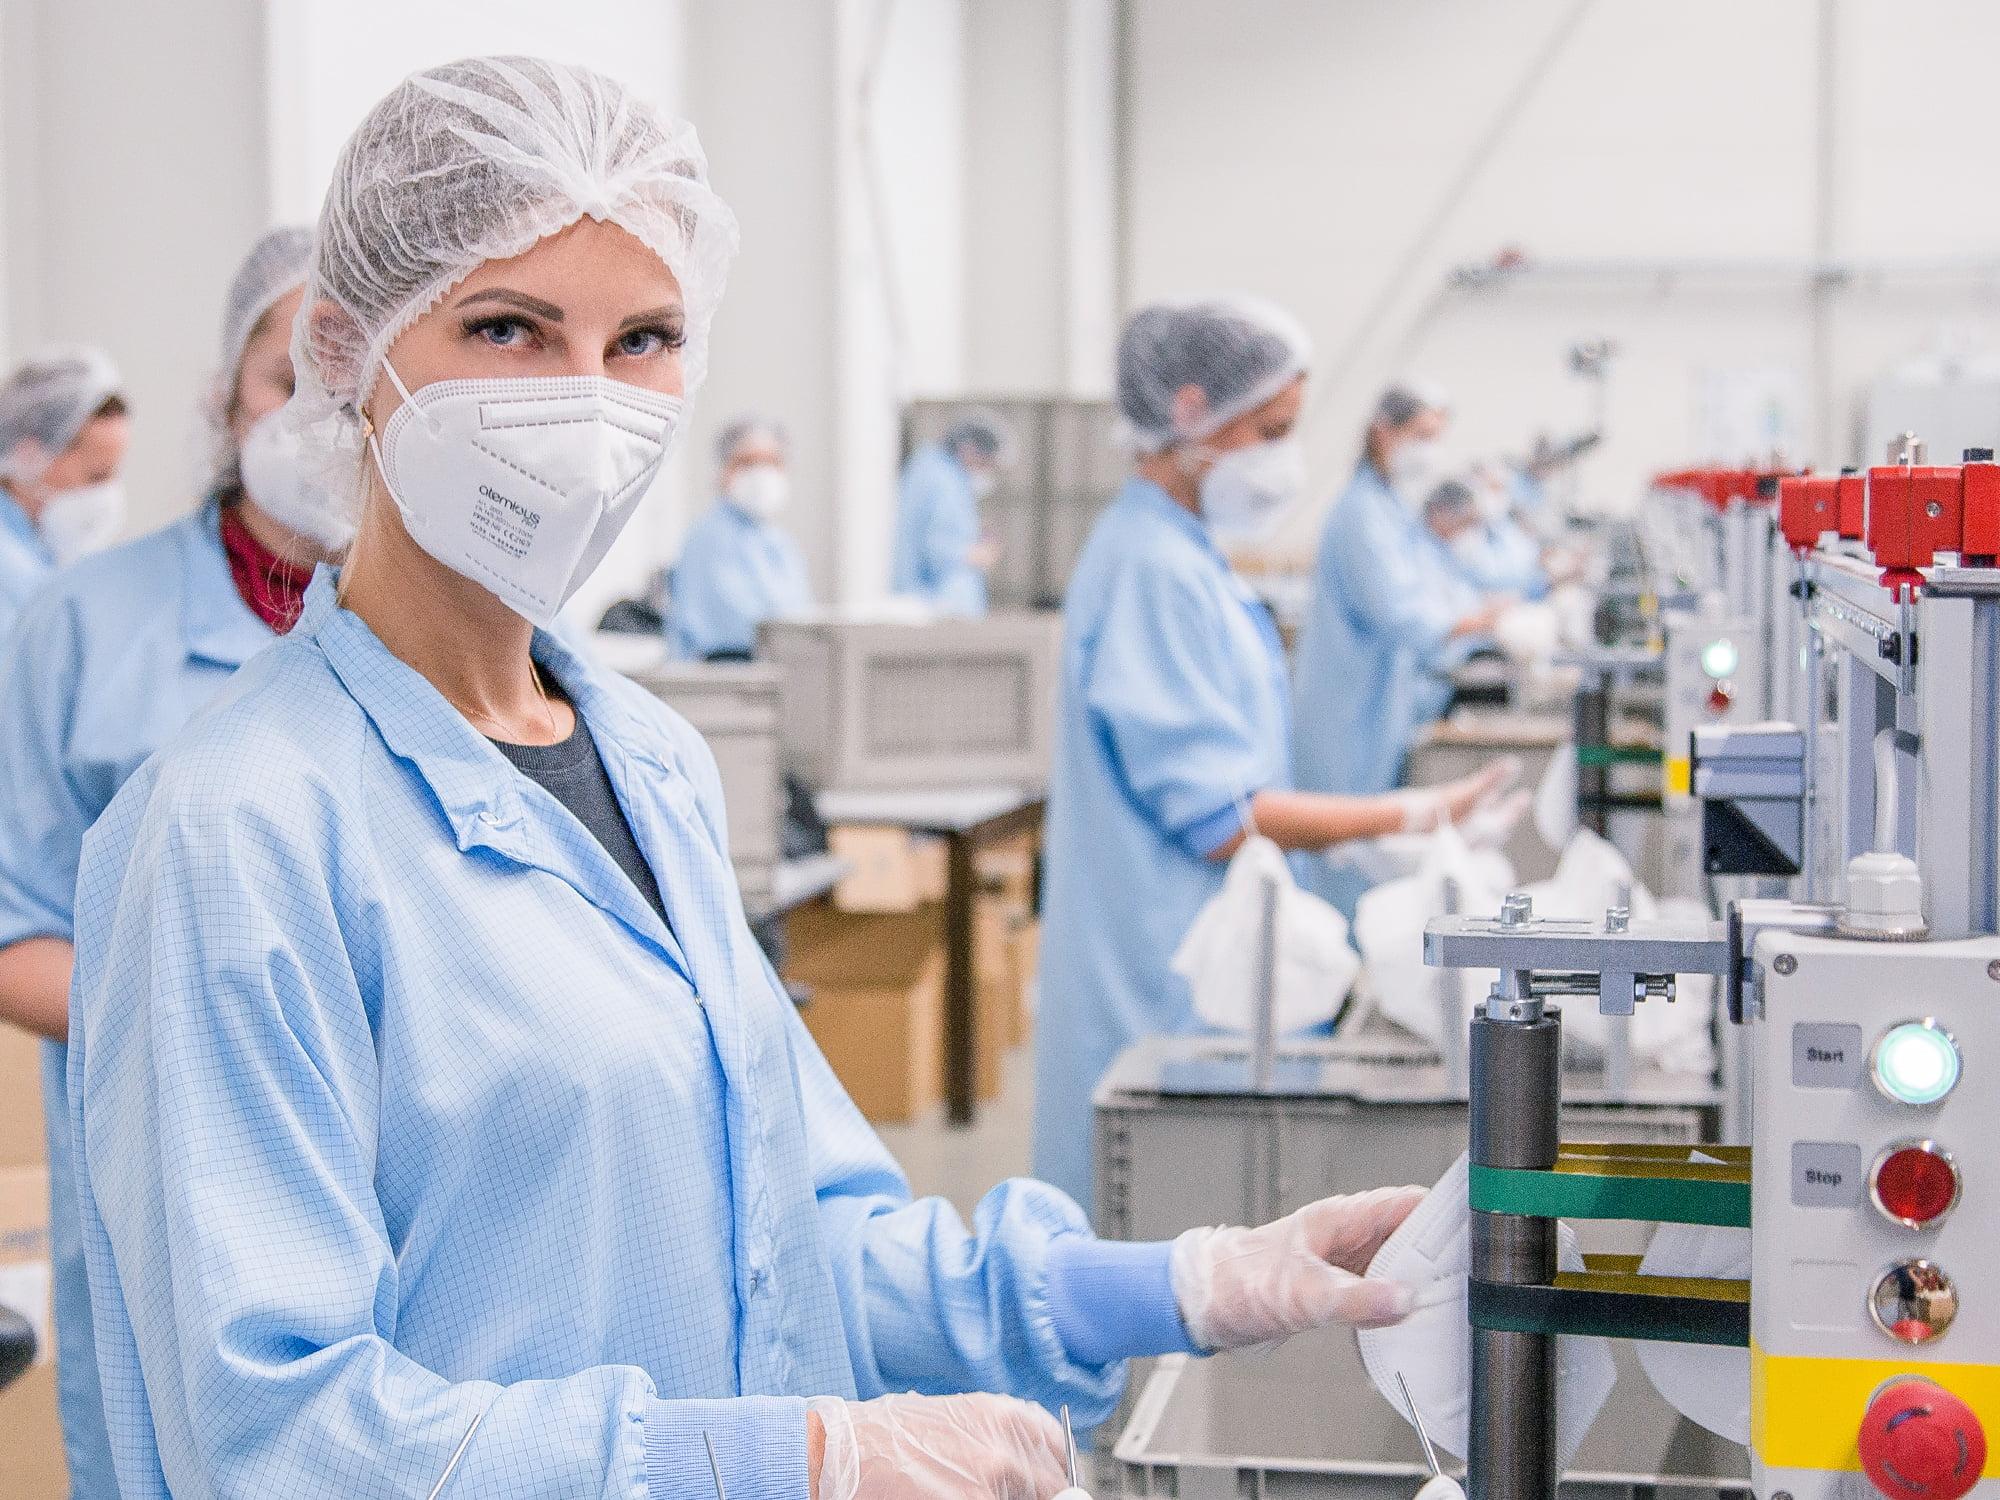 univent medical ffp2 masken produktion 01